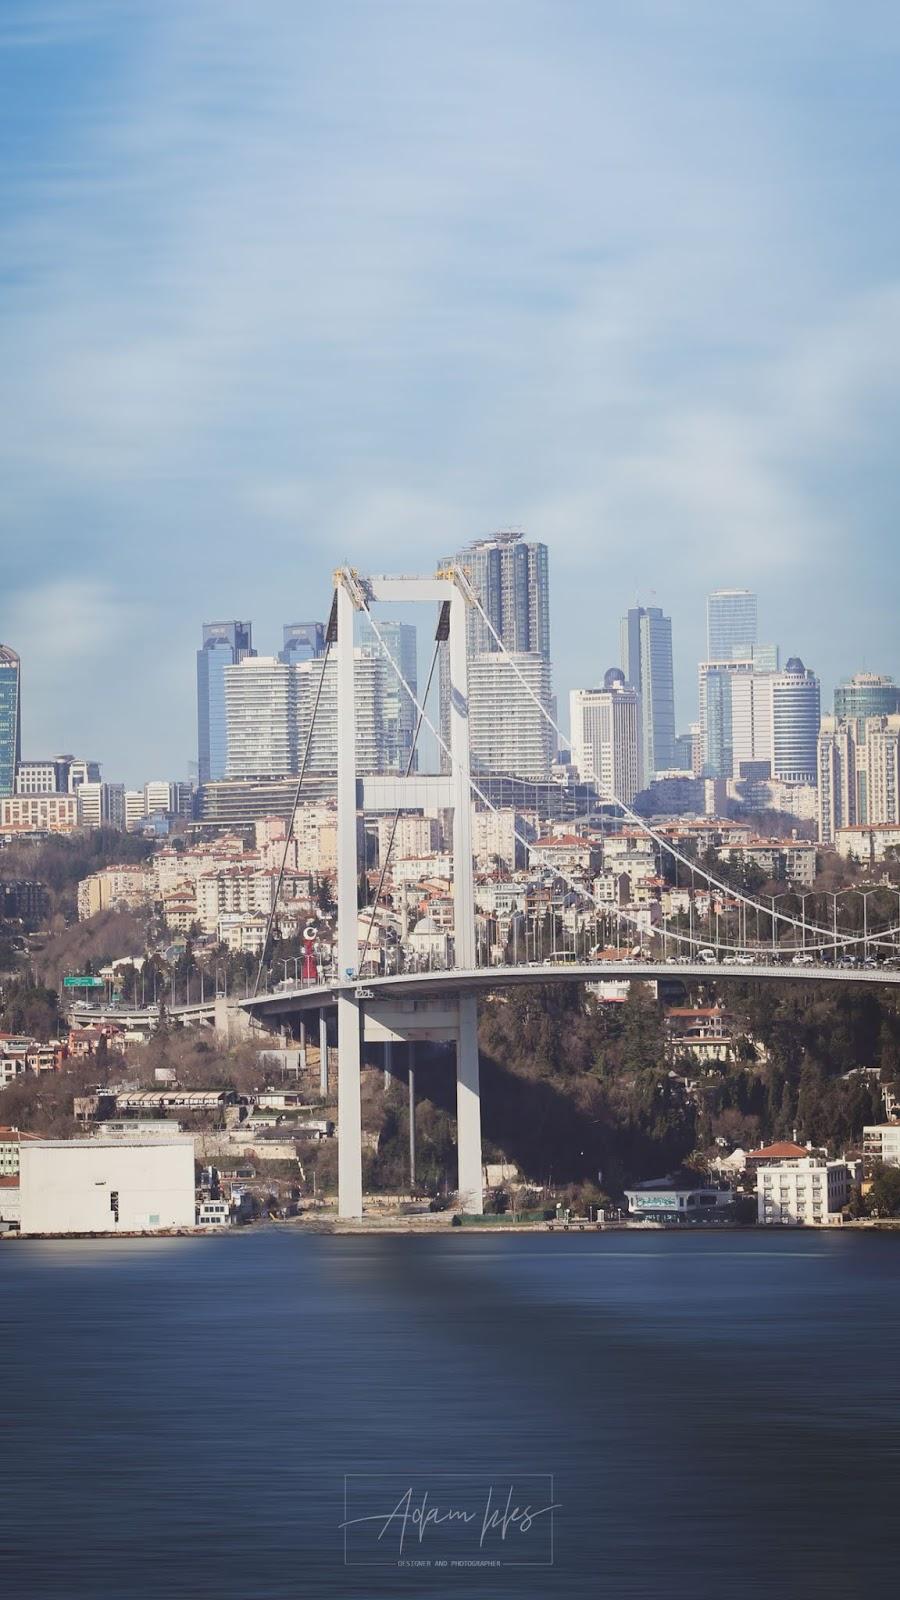 خلفية ايفون 6 7 8 بلس جسر البوسفور اسطنبول اجمل خلفيات ايفون